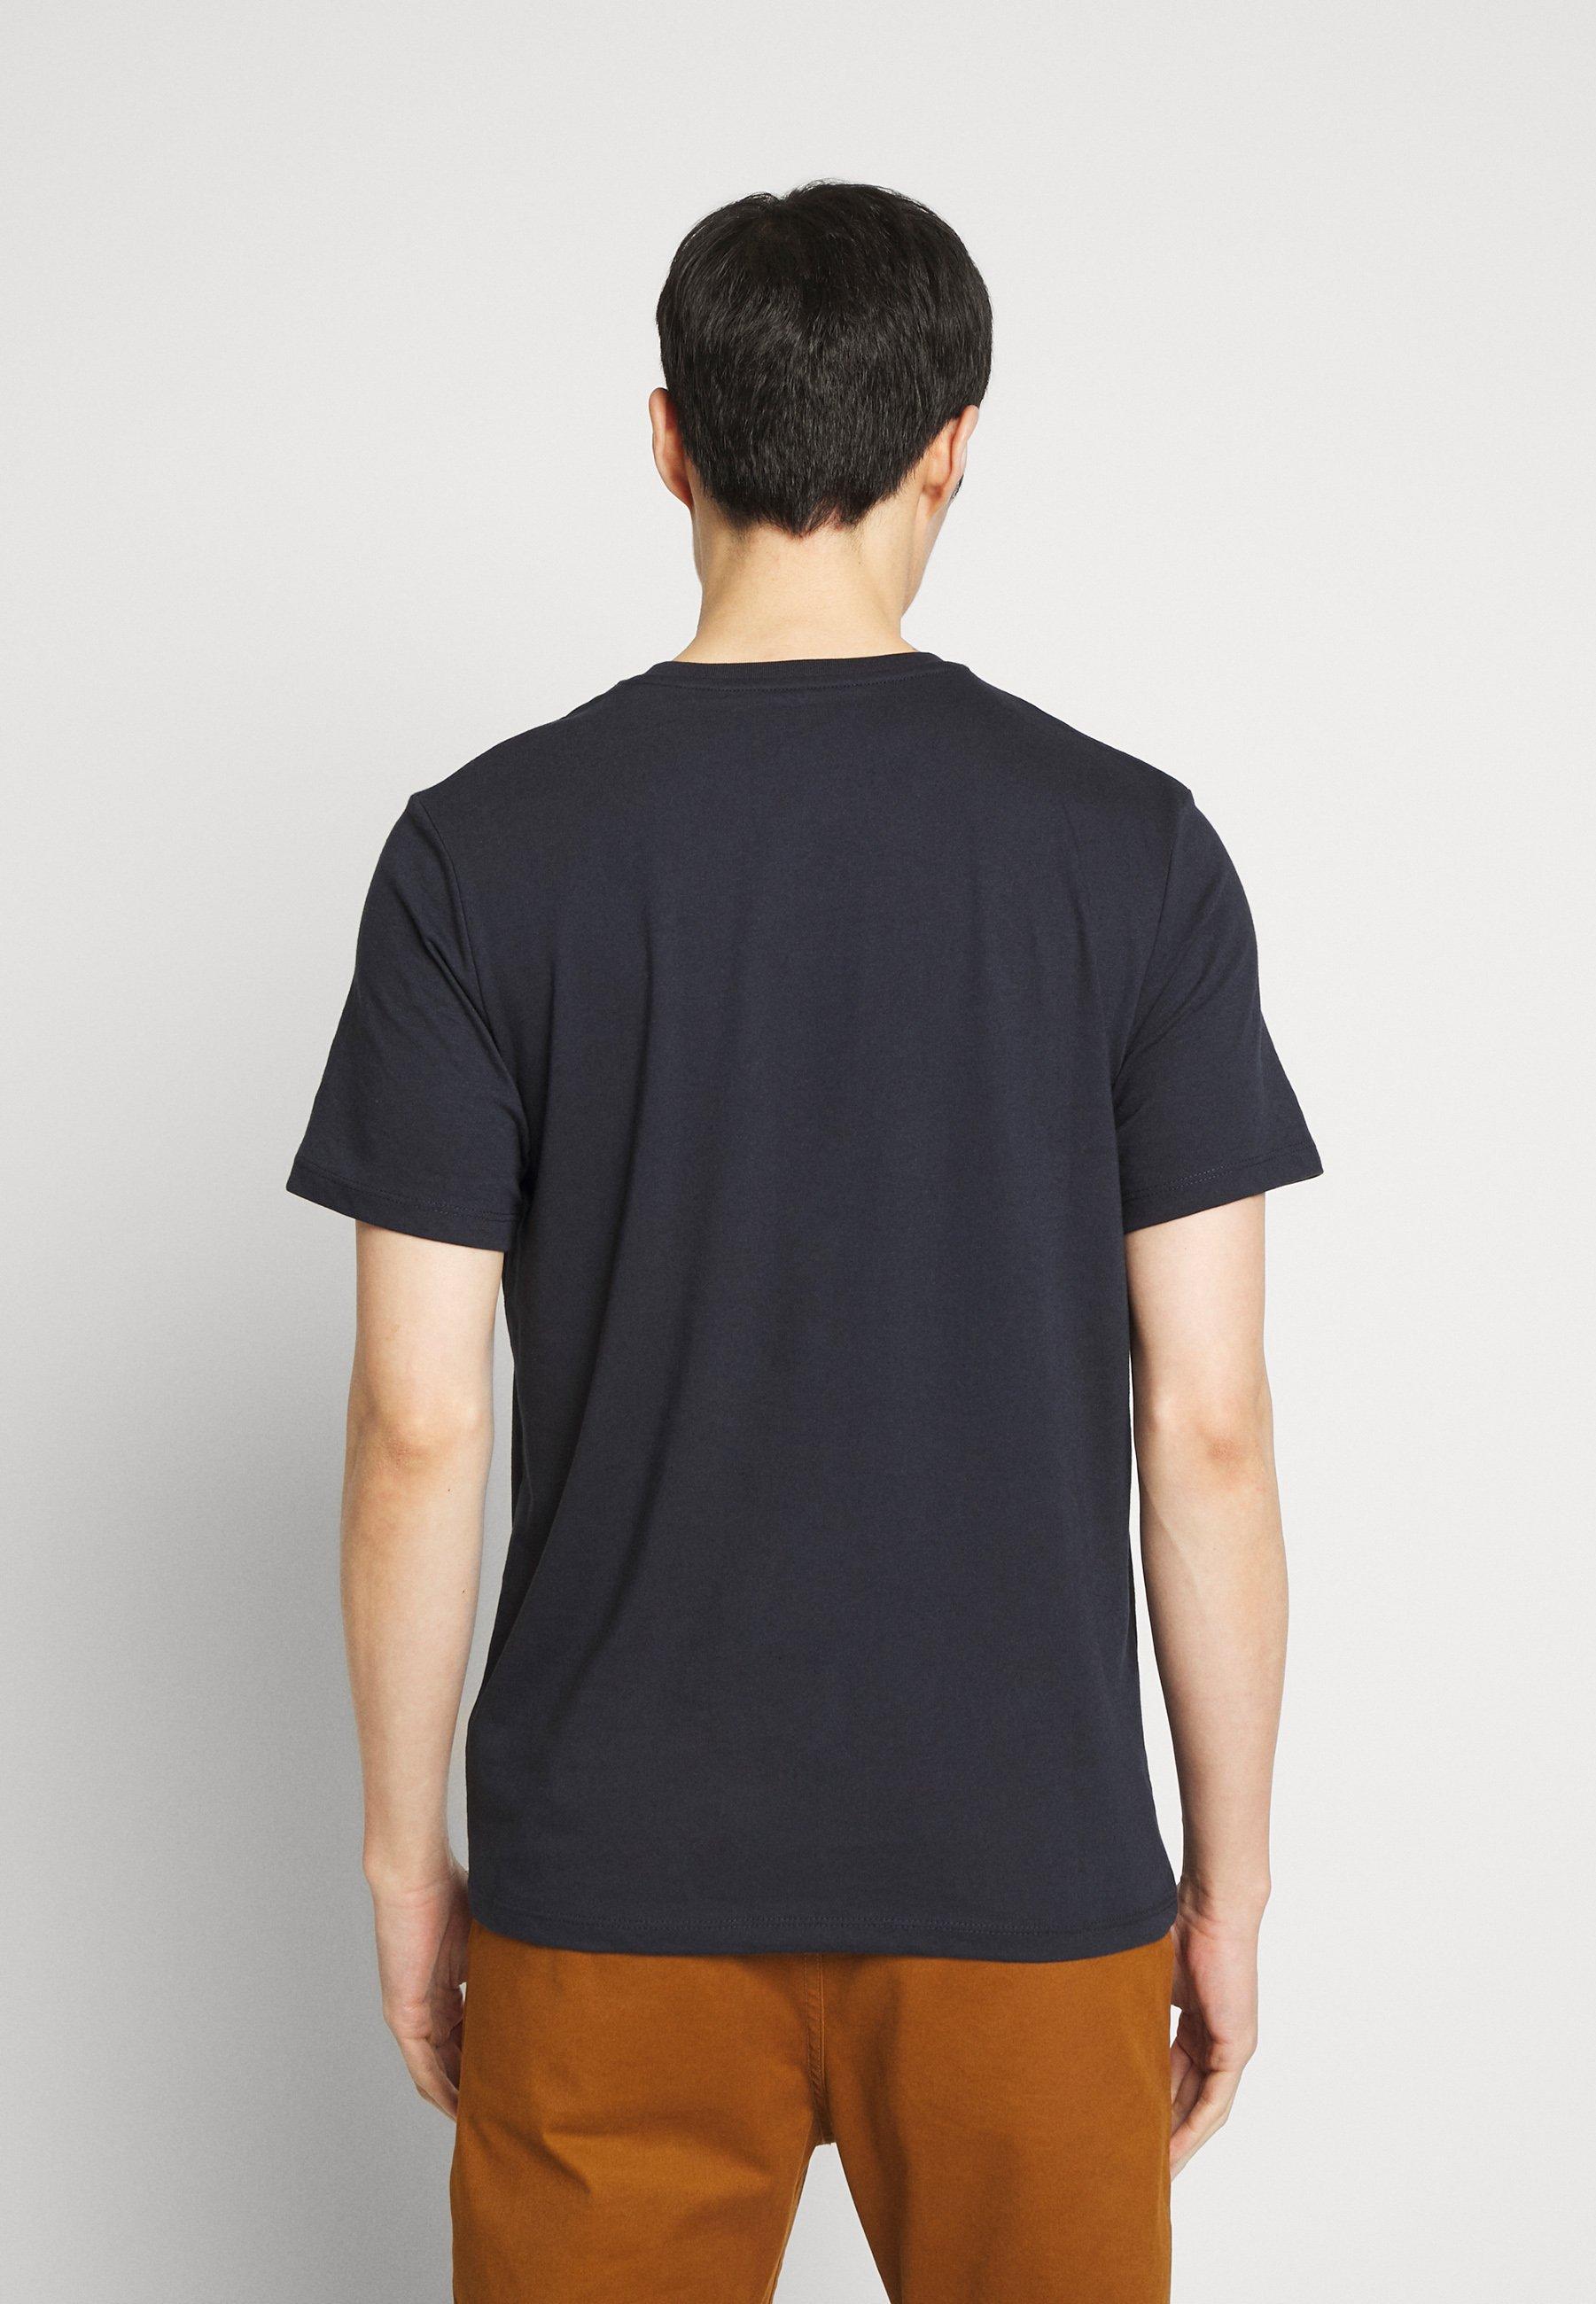 Timberland T-shirt imprimé - dark sapphire